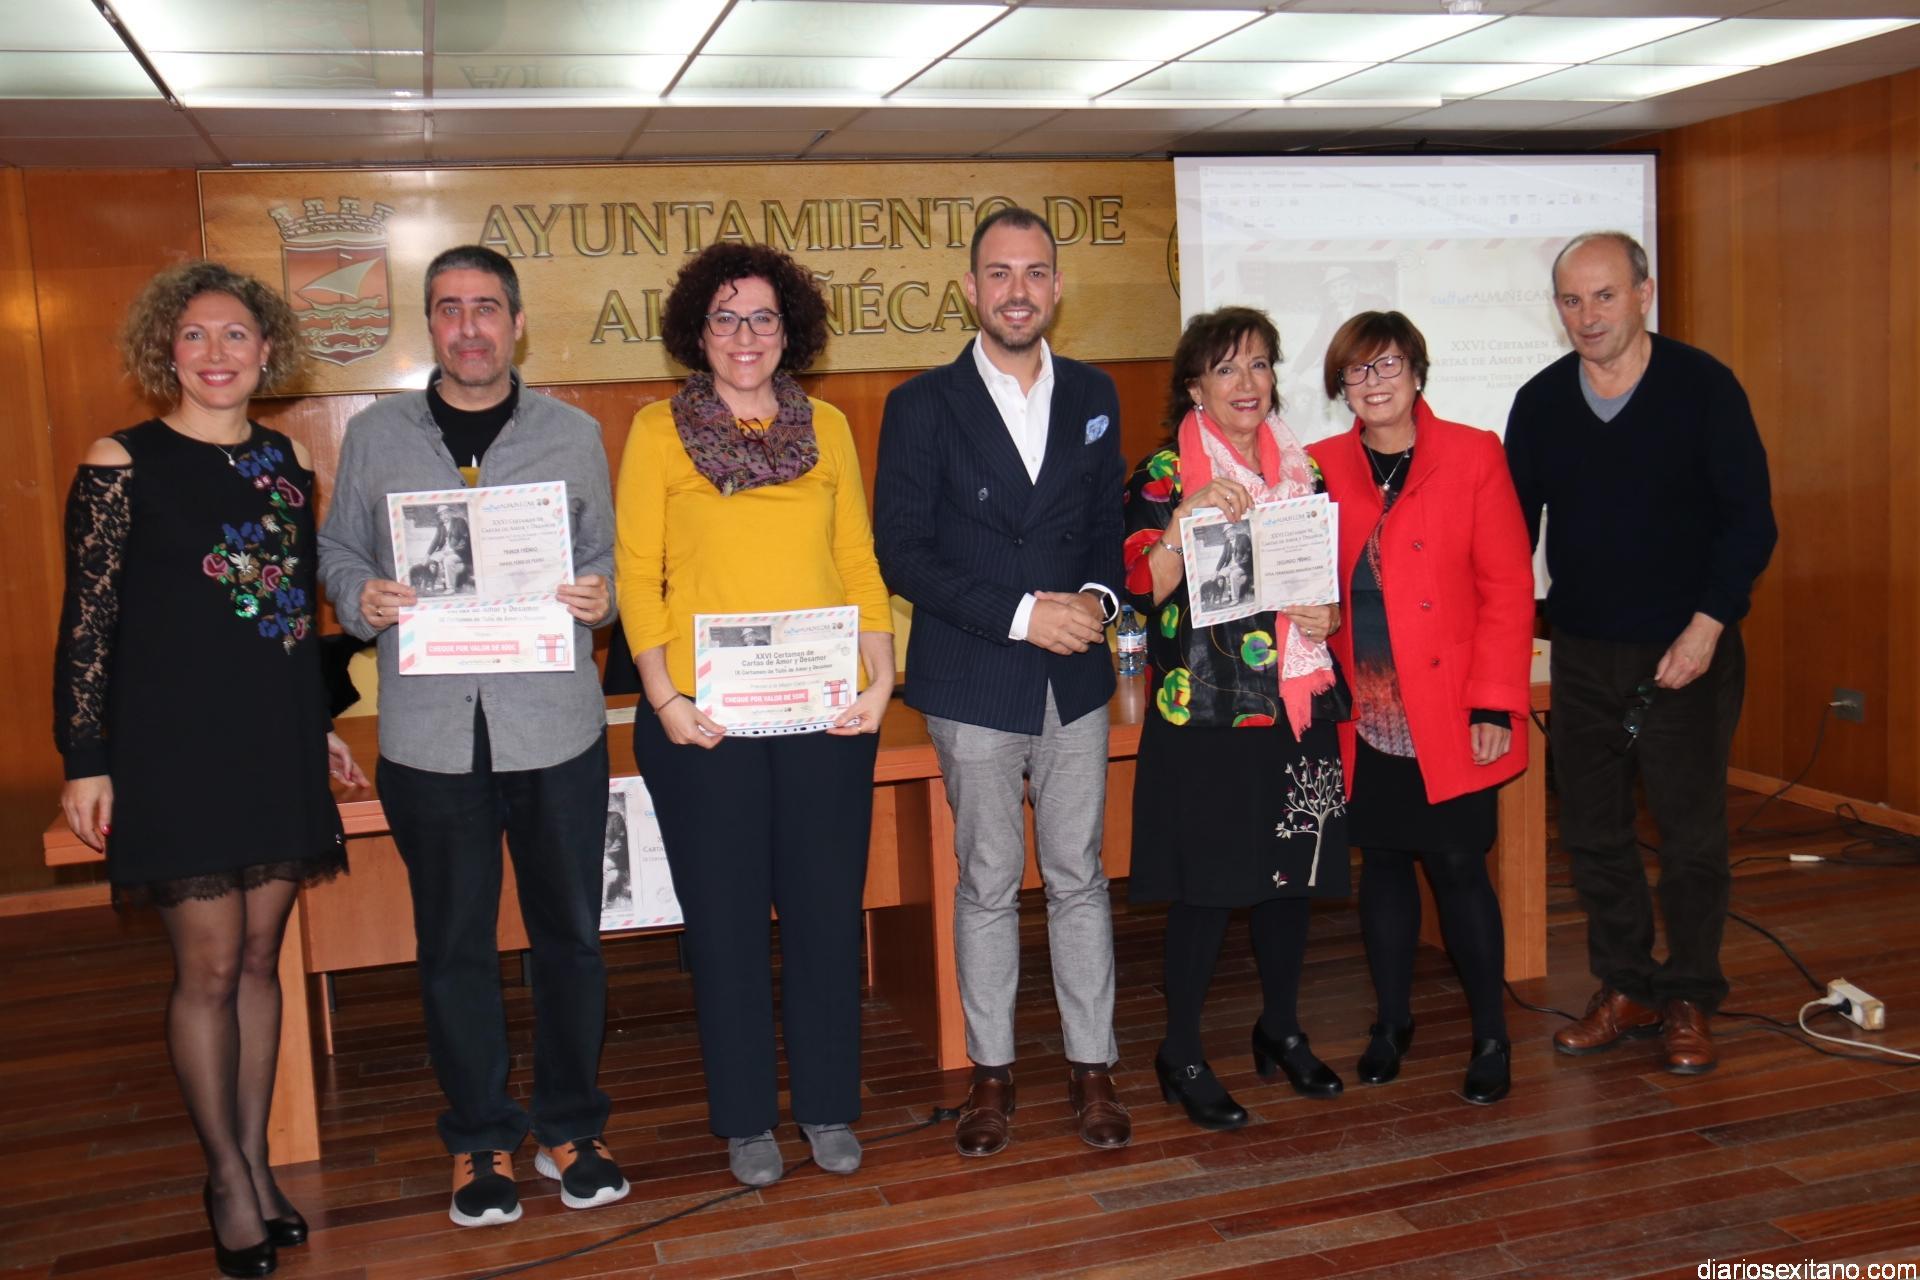 Cerca de 300 trabajos participaron en las distintas categorías del XXVII Certamen de Cartas de Amor y Desamor de Almuñécar 2021 - Diario Sexitano